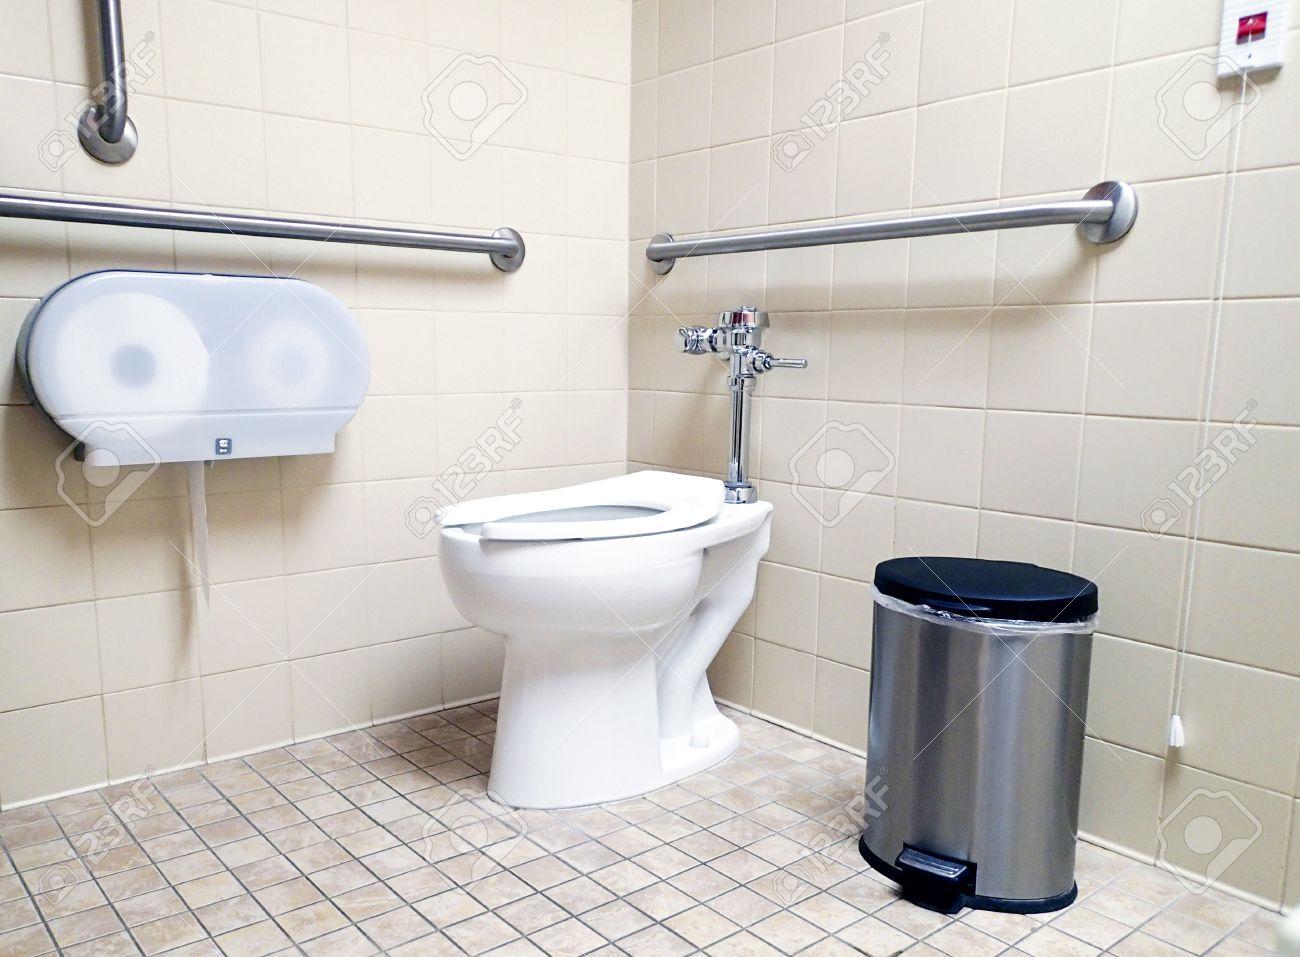 Moderne Behinderte Badezimmer Für Behinderte, Mit Haltegriffen Und ...